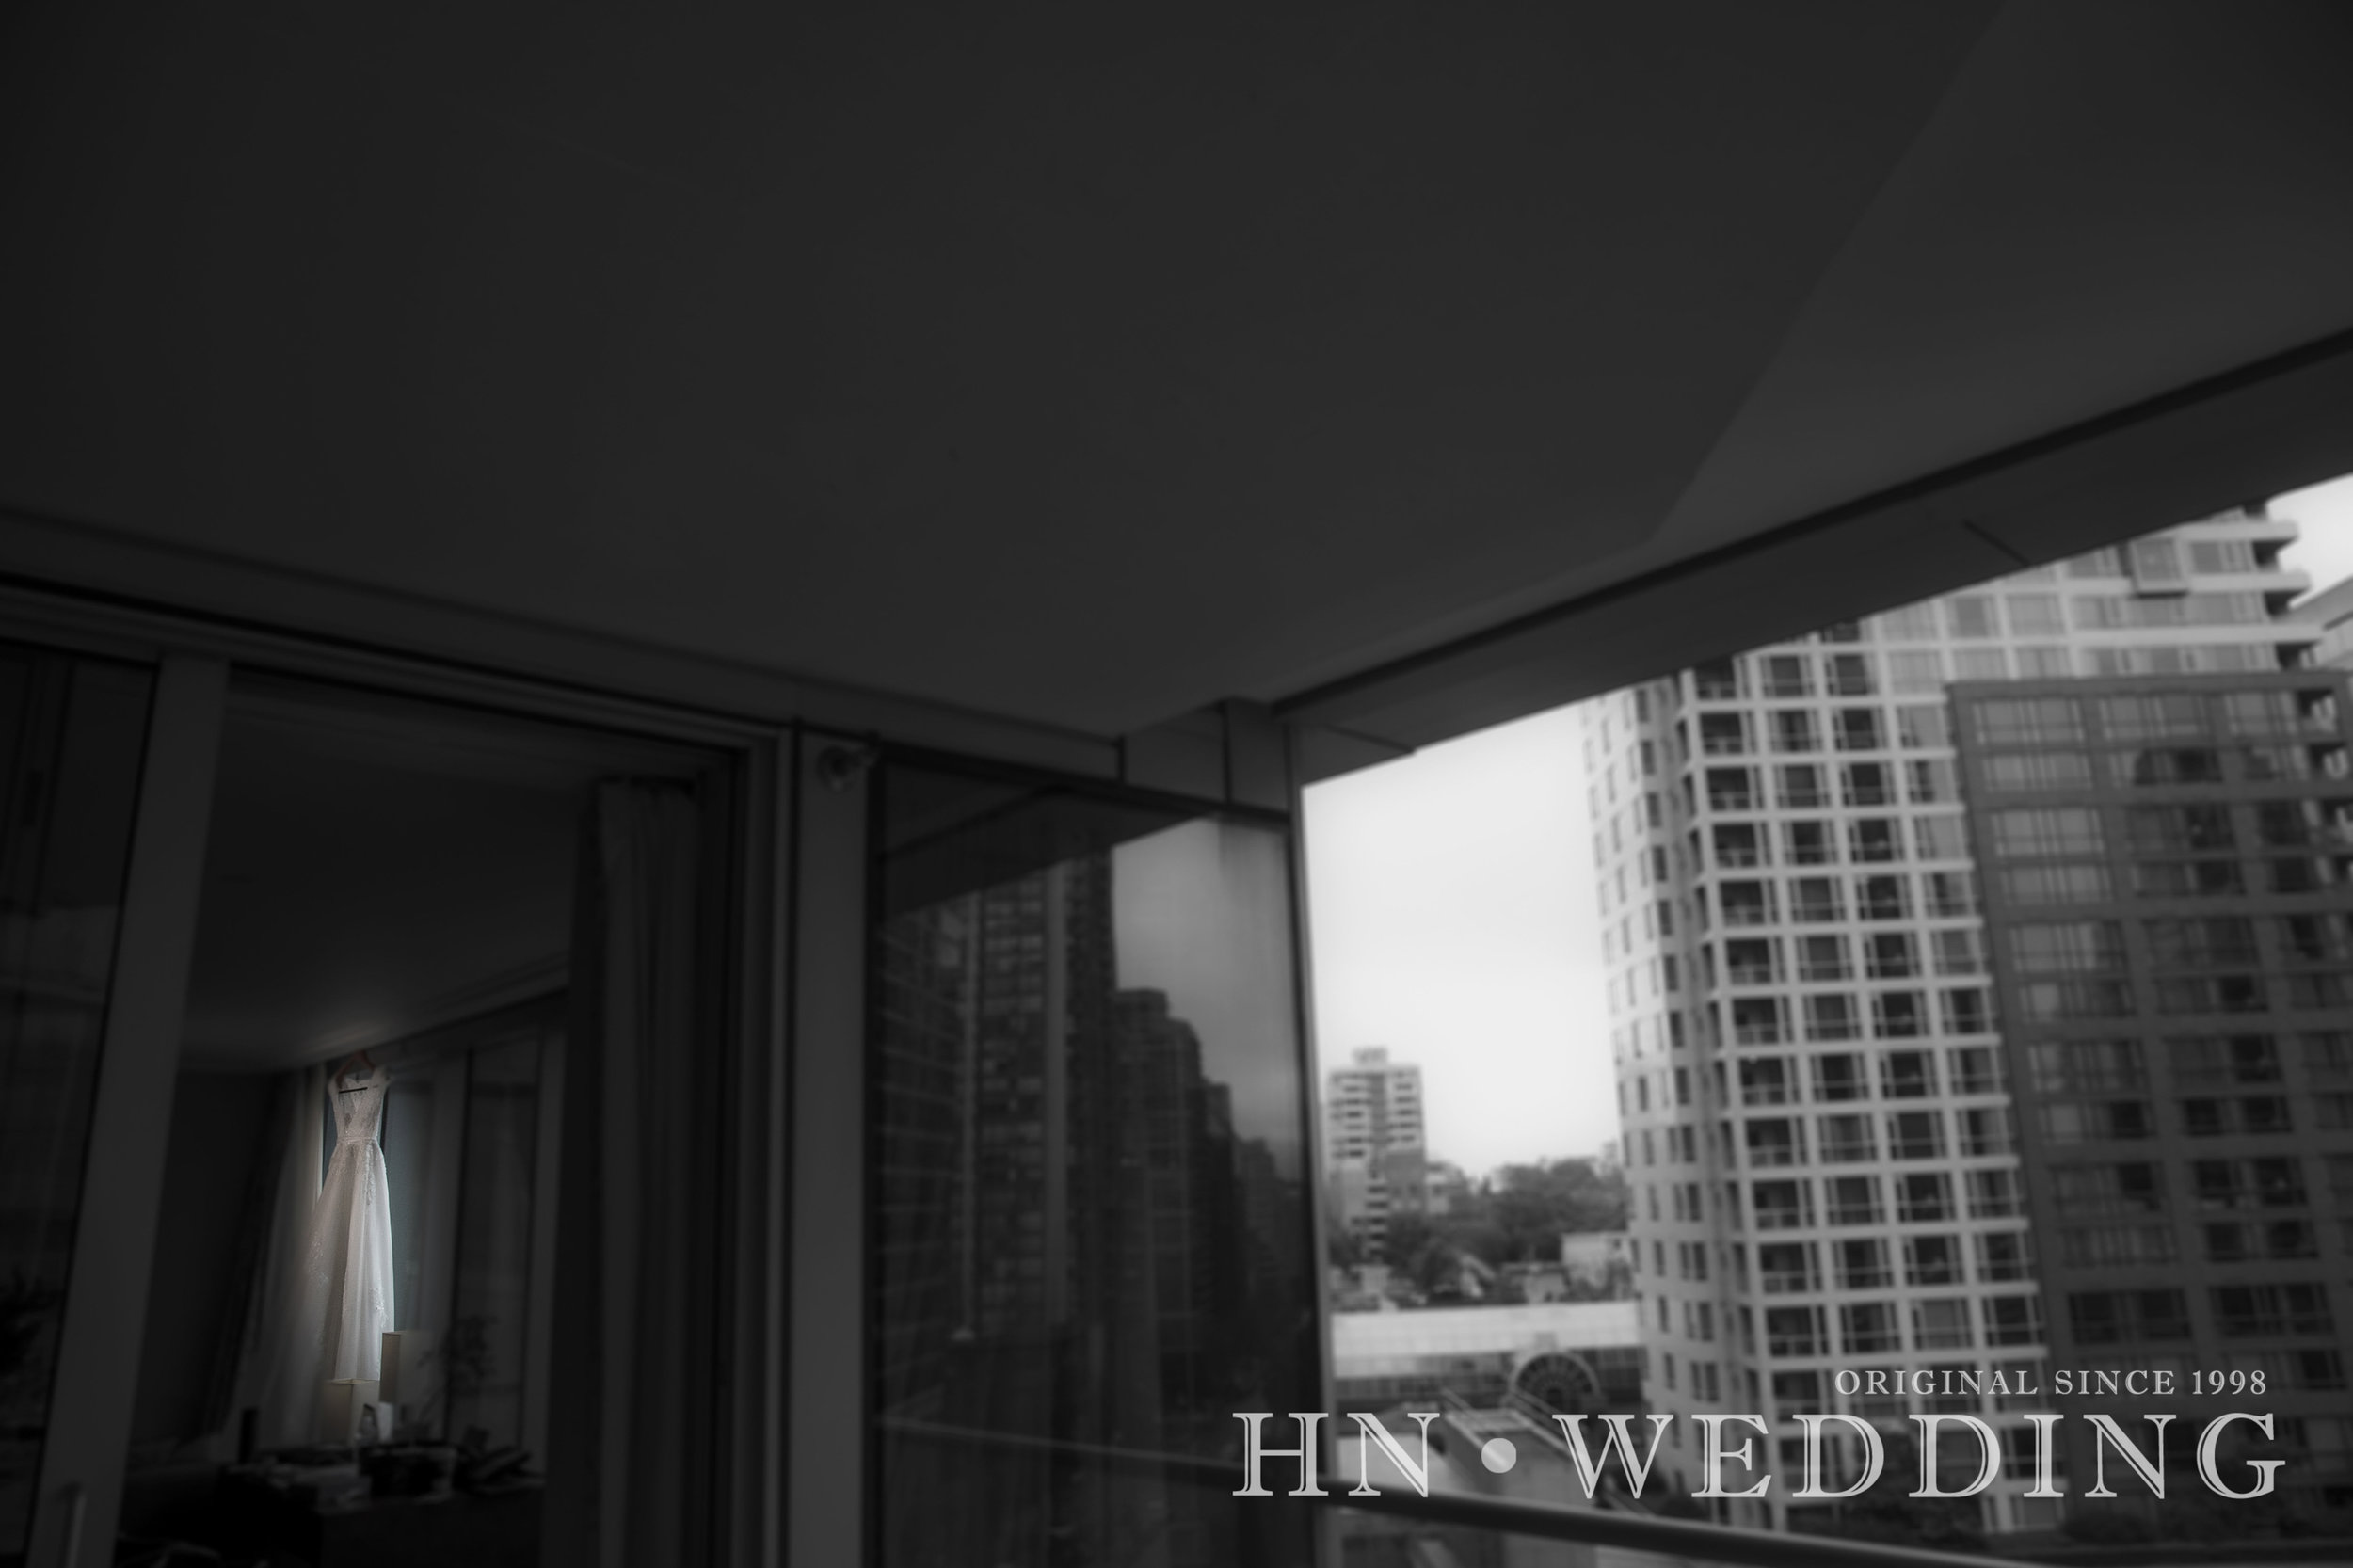 hnweddingweddingday10192018-2.jpg